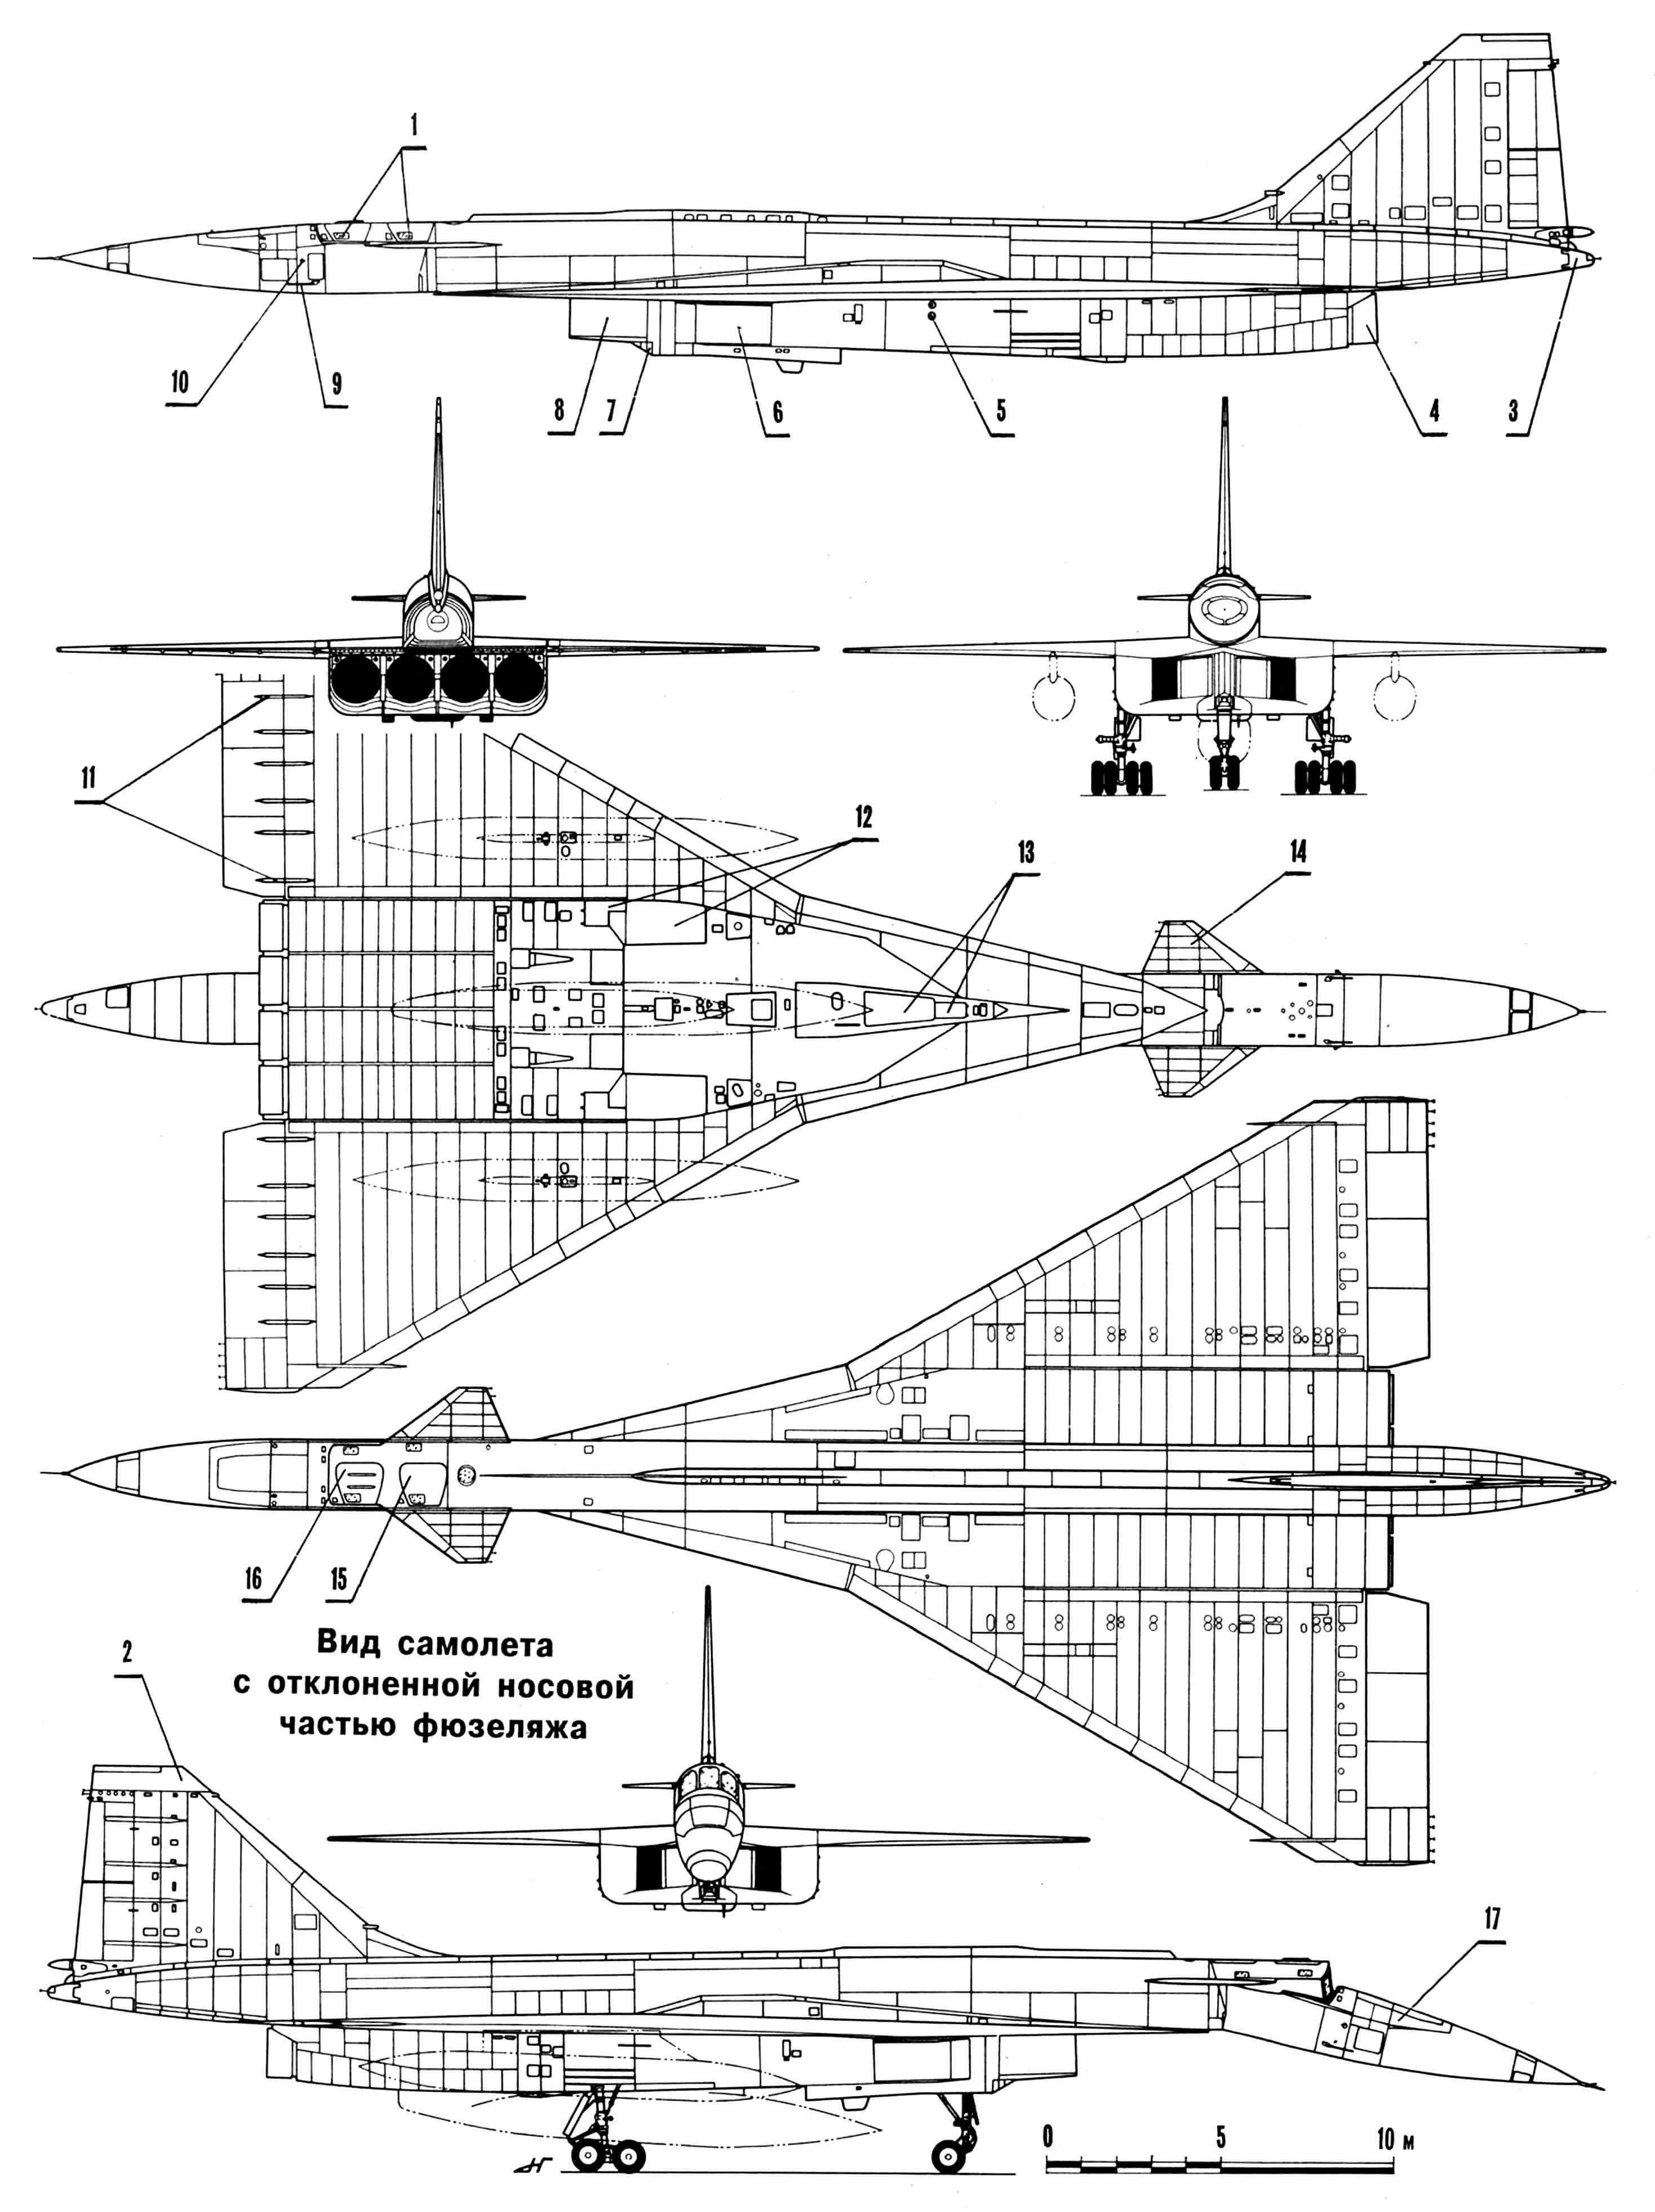 Рис. 1. Самолет Т-4: 1 — окна кабины экипажа, 2 — обтекатель килевой антенны, 3 — створки контейнера тормозного парашюта, 4 — сопло двигателя, 5 — посадочно-рулежные фары, 6 — регулируемая панель воздухозаборника, 7 — обтекатель теплопеленгатора, 8 — вертикальный клин воздухозаборника, 9 — приемник воздушного давления, 10 — датчик углов атаки, 11 — обтекатели кронштейнов системы управления элеронами, 12 — створки ниши основной опоры шасси, 13 — створки ниши передней опоры шасси, 14 — переднее горизонтальное оперение (ПГО), 15 — люк аварийного покидания штурмана, 16 — люк аварийного покидания летчика, 17 — отклоняемая носовая часть фюзеляжа (ОНЧФ).